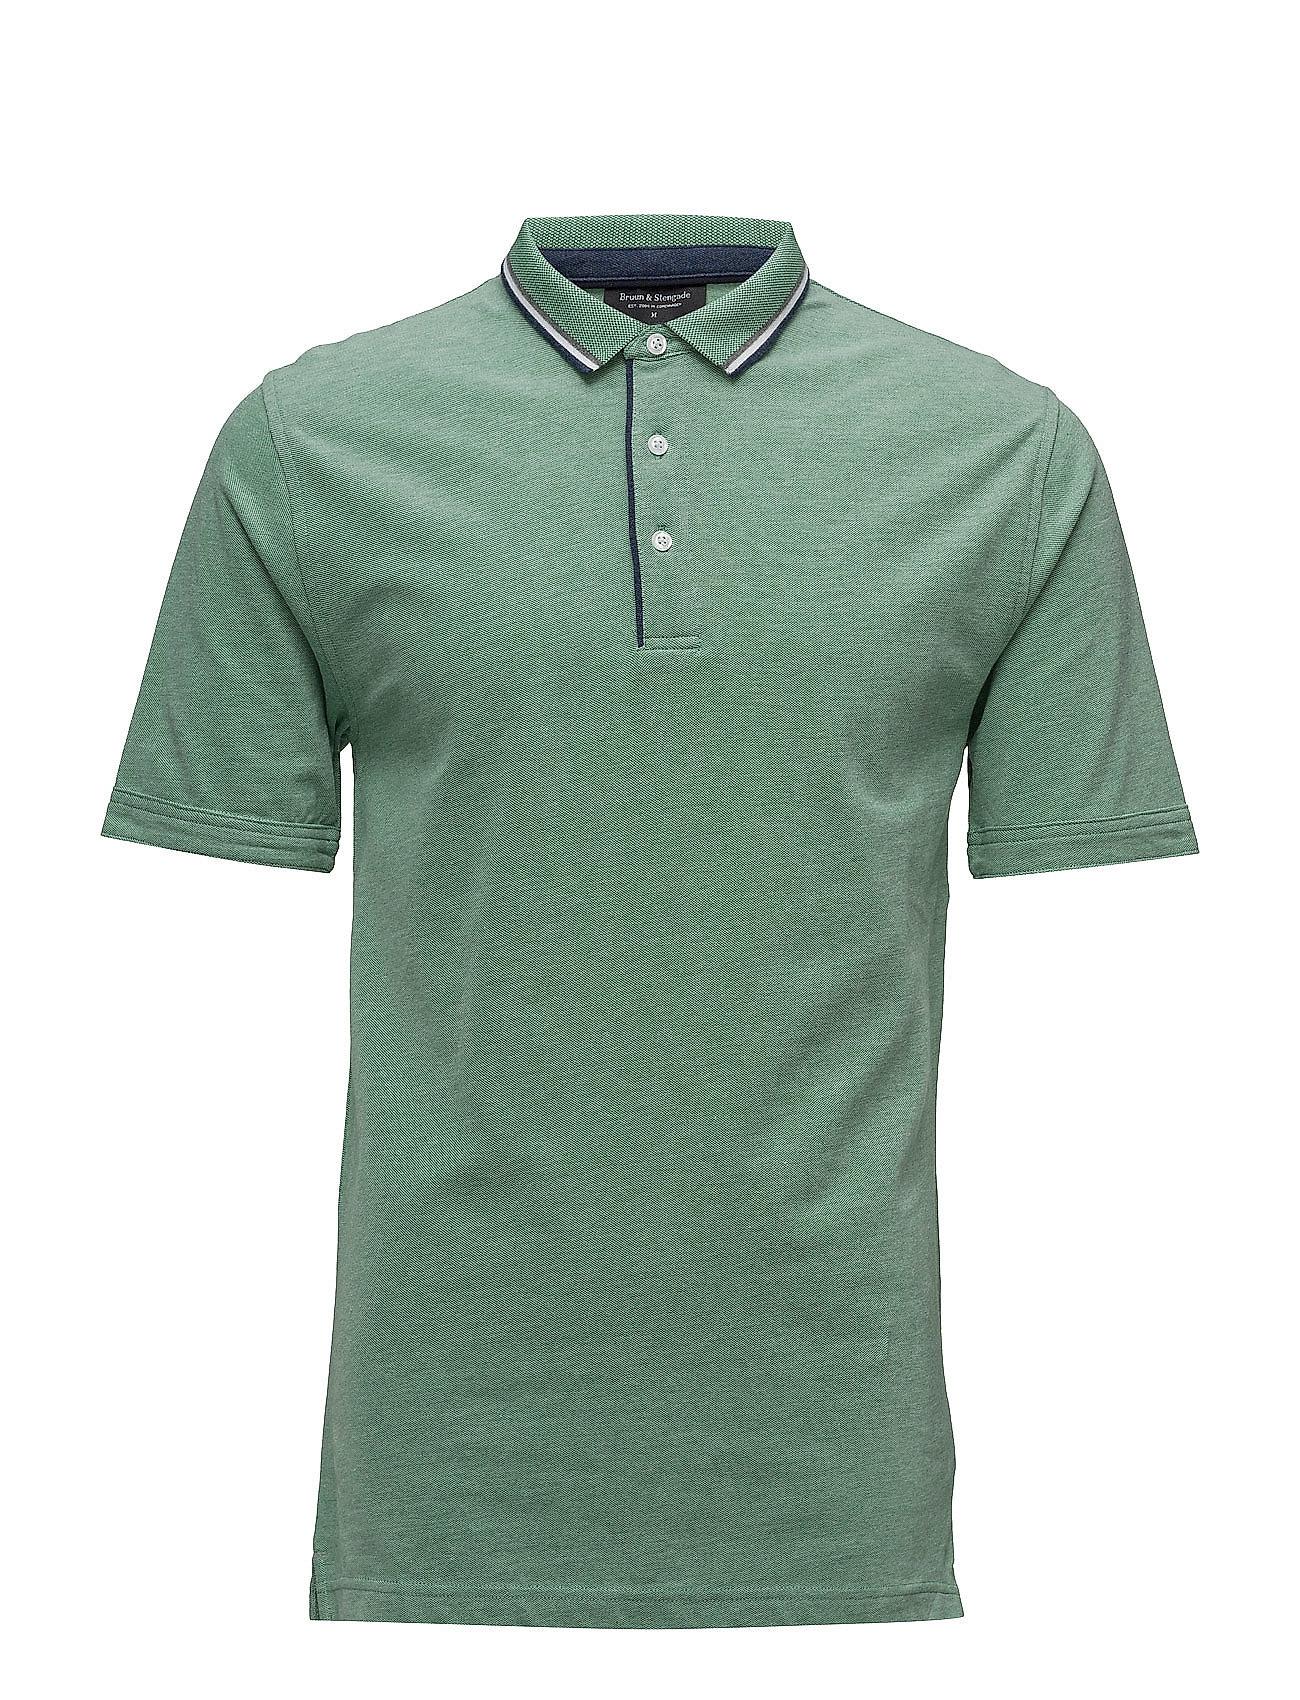 Liam Bruun & Stengade Kortærmede polo t-shirts til Herrer i Grøn